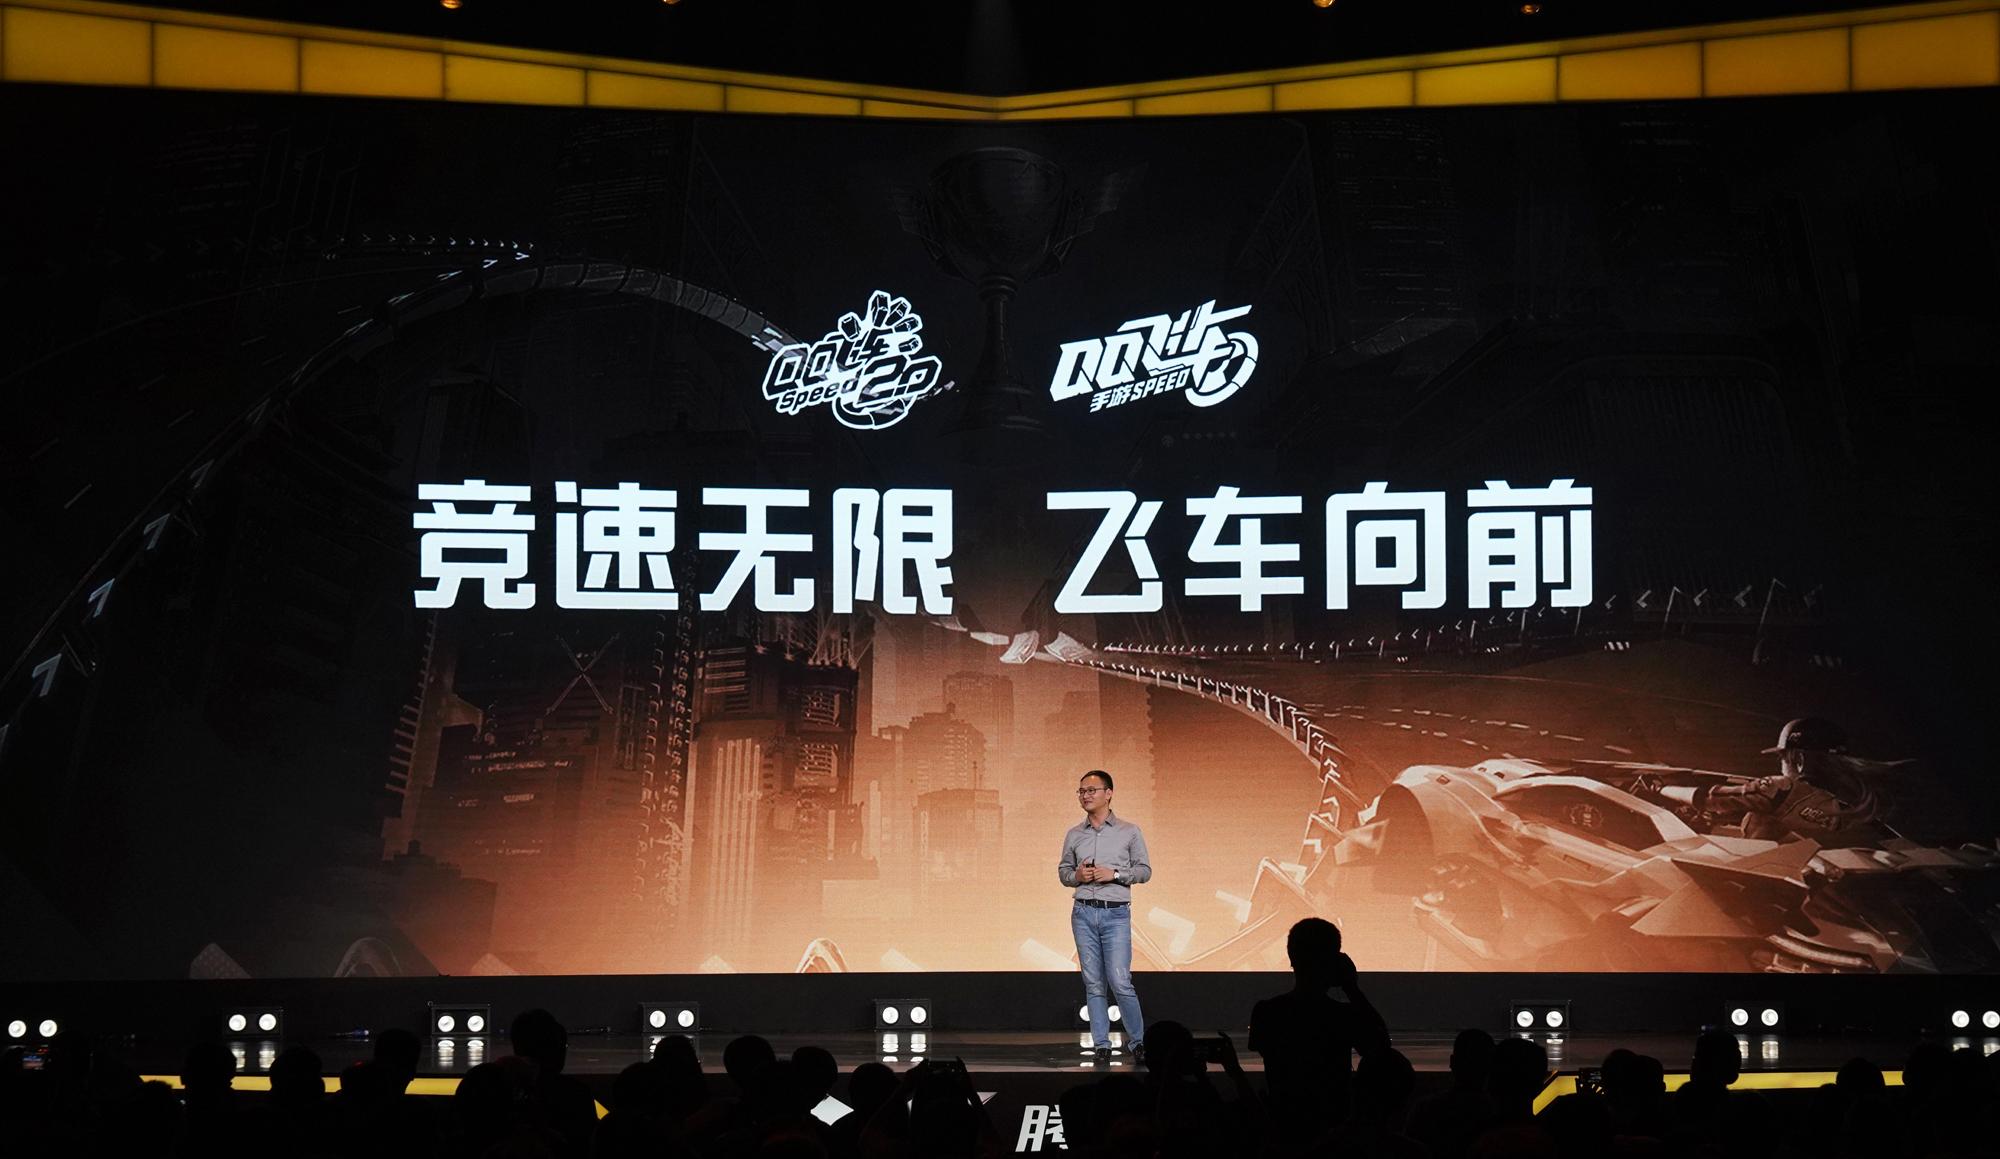 QQ飞车手游亚洲杯来了!国民竞速手游驶入全球竞速电竞快车道!